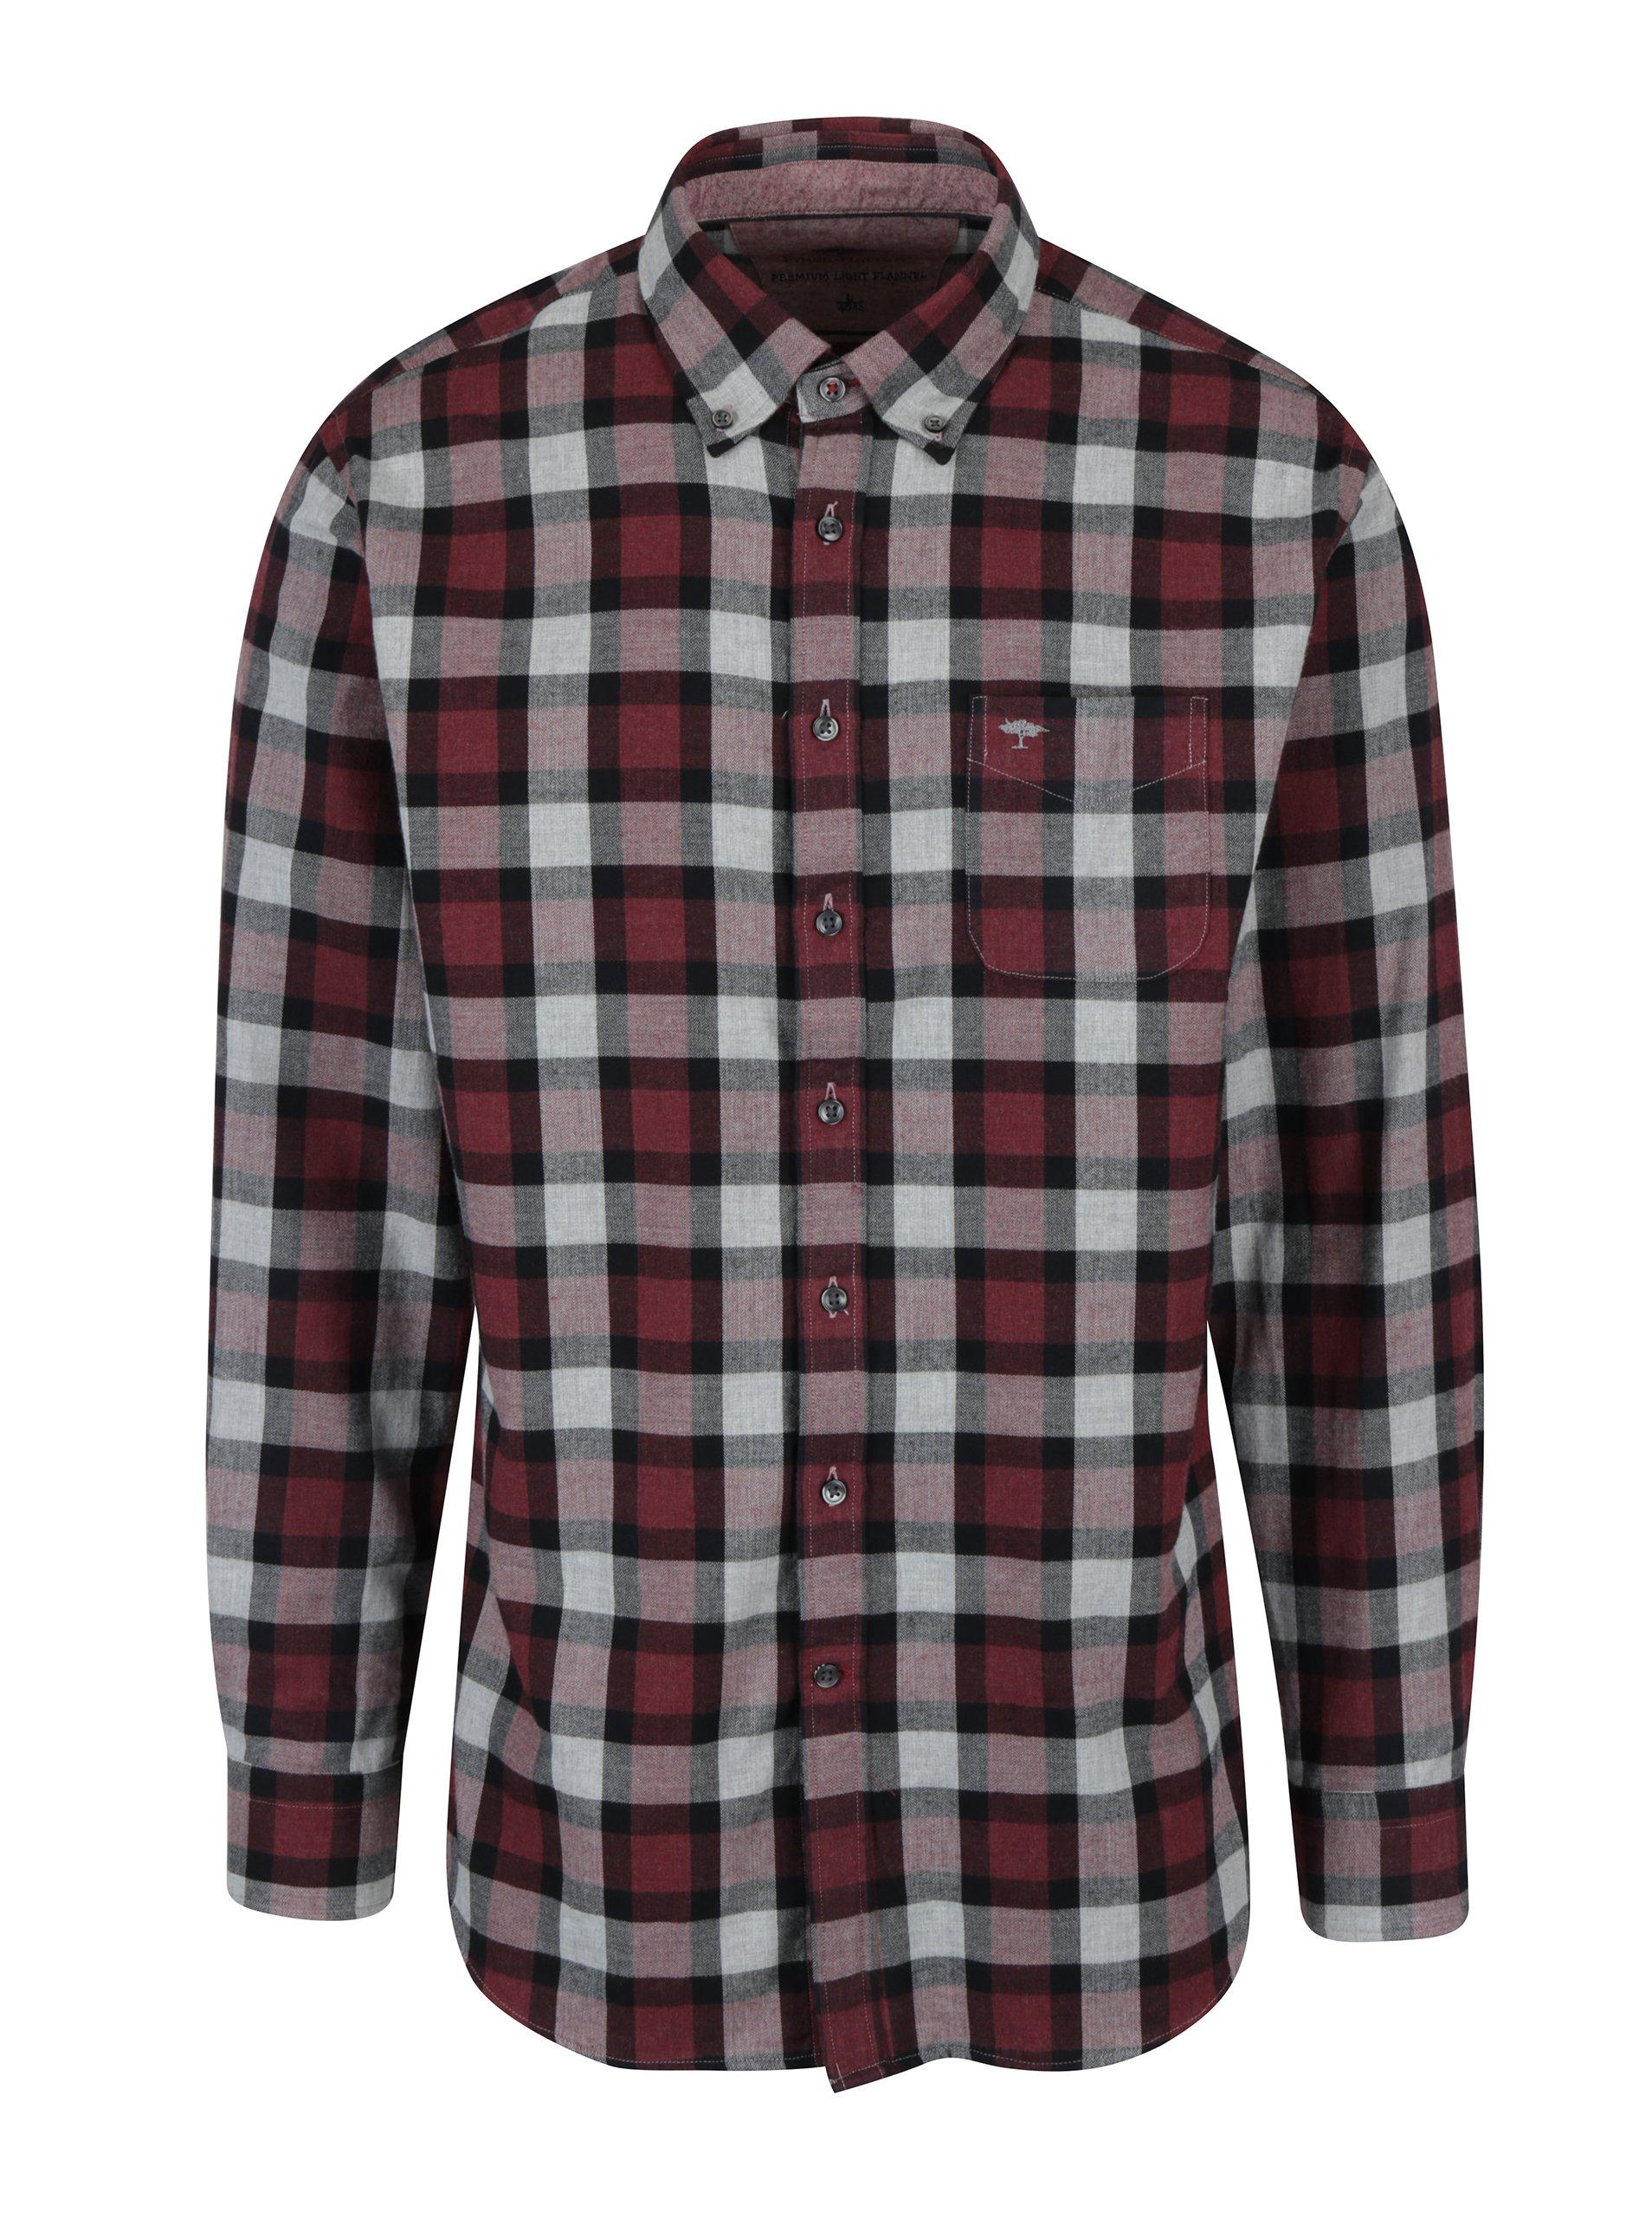 Šedo-vínová kostkovaná košile s náprsní kapsou Fynch-Hatton